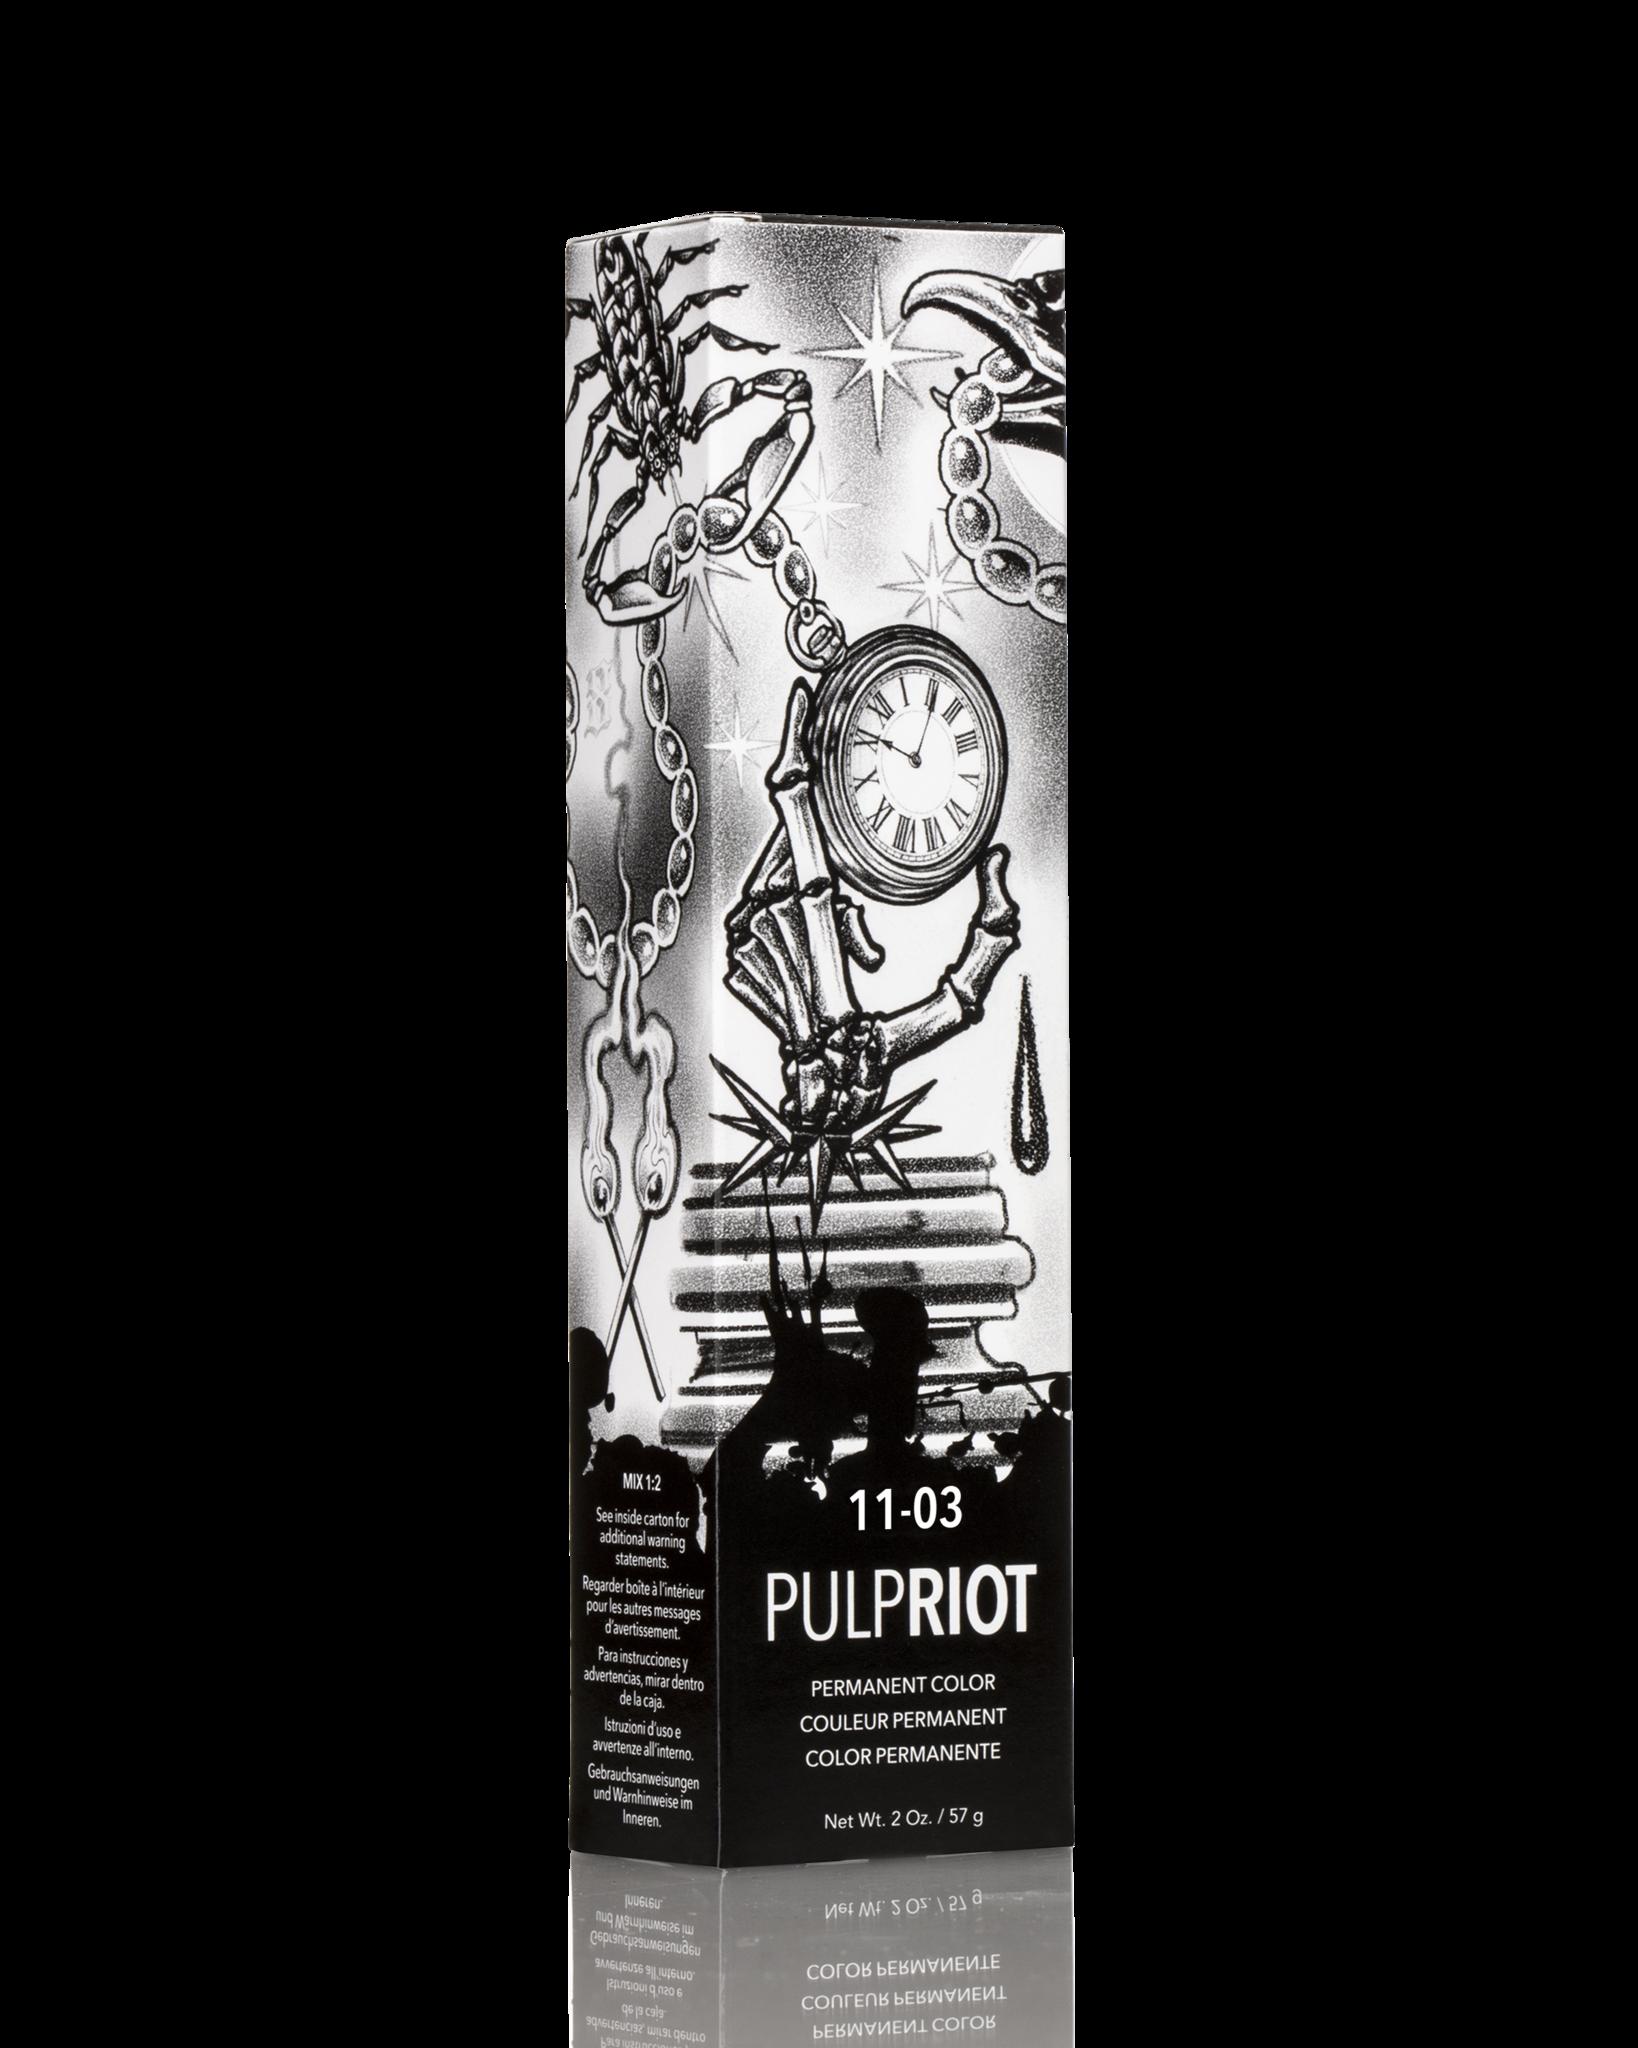 Pulp Riot PULP RIOT FACTION 8 SUPER ÉCLAIRCISSANT/HIGHLIFT 11-03